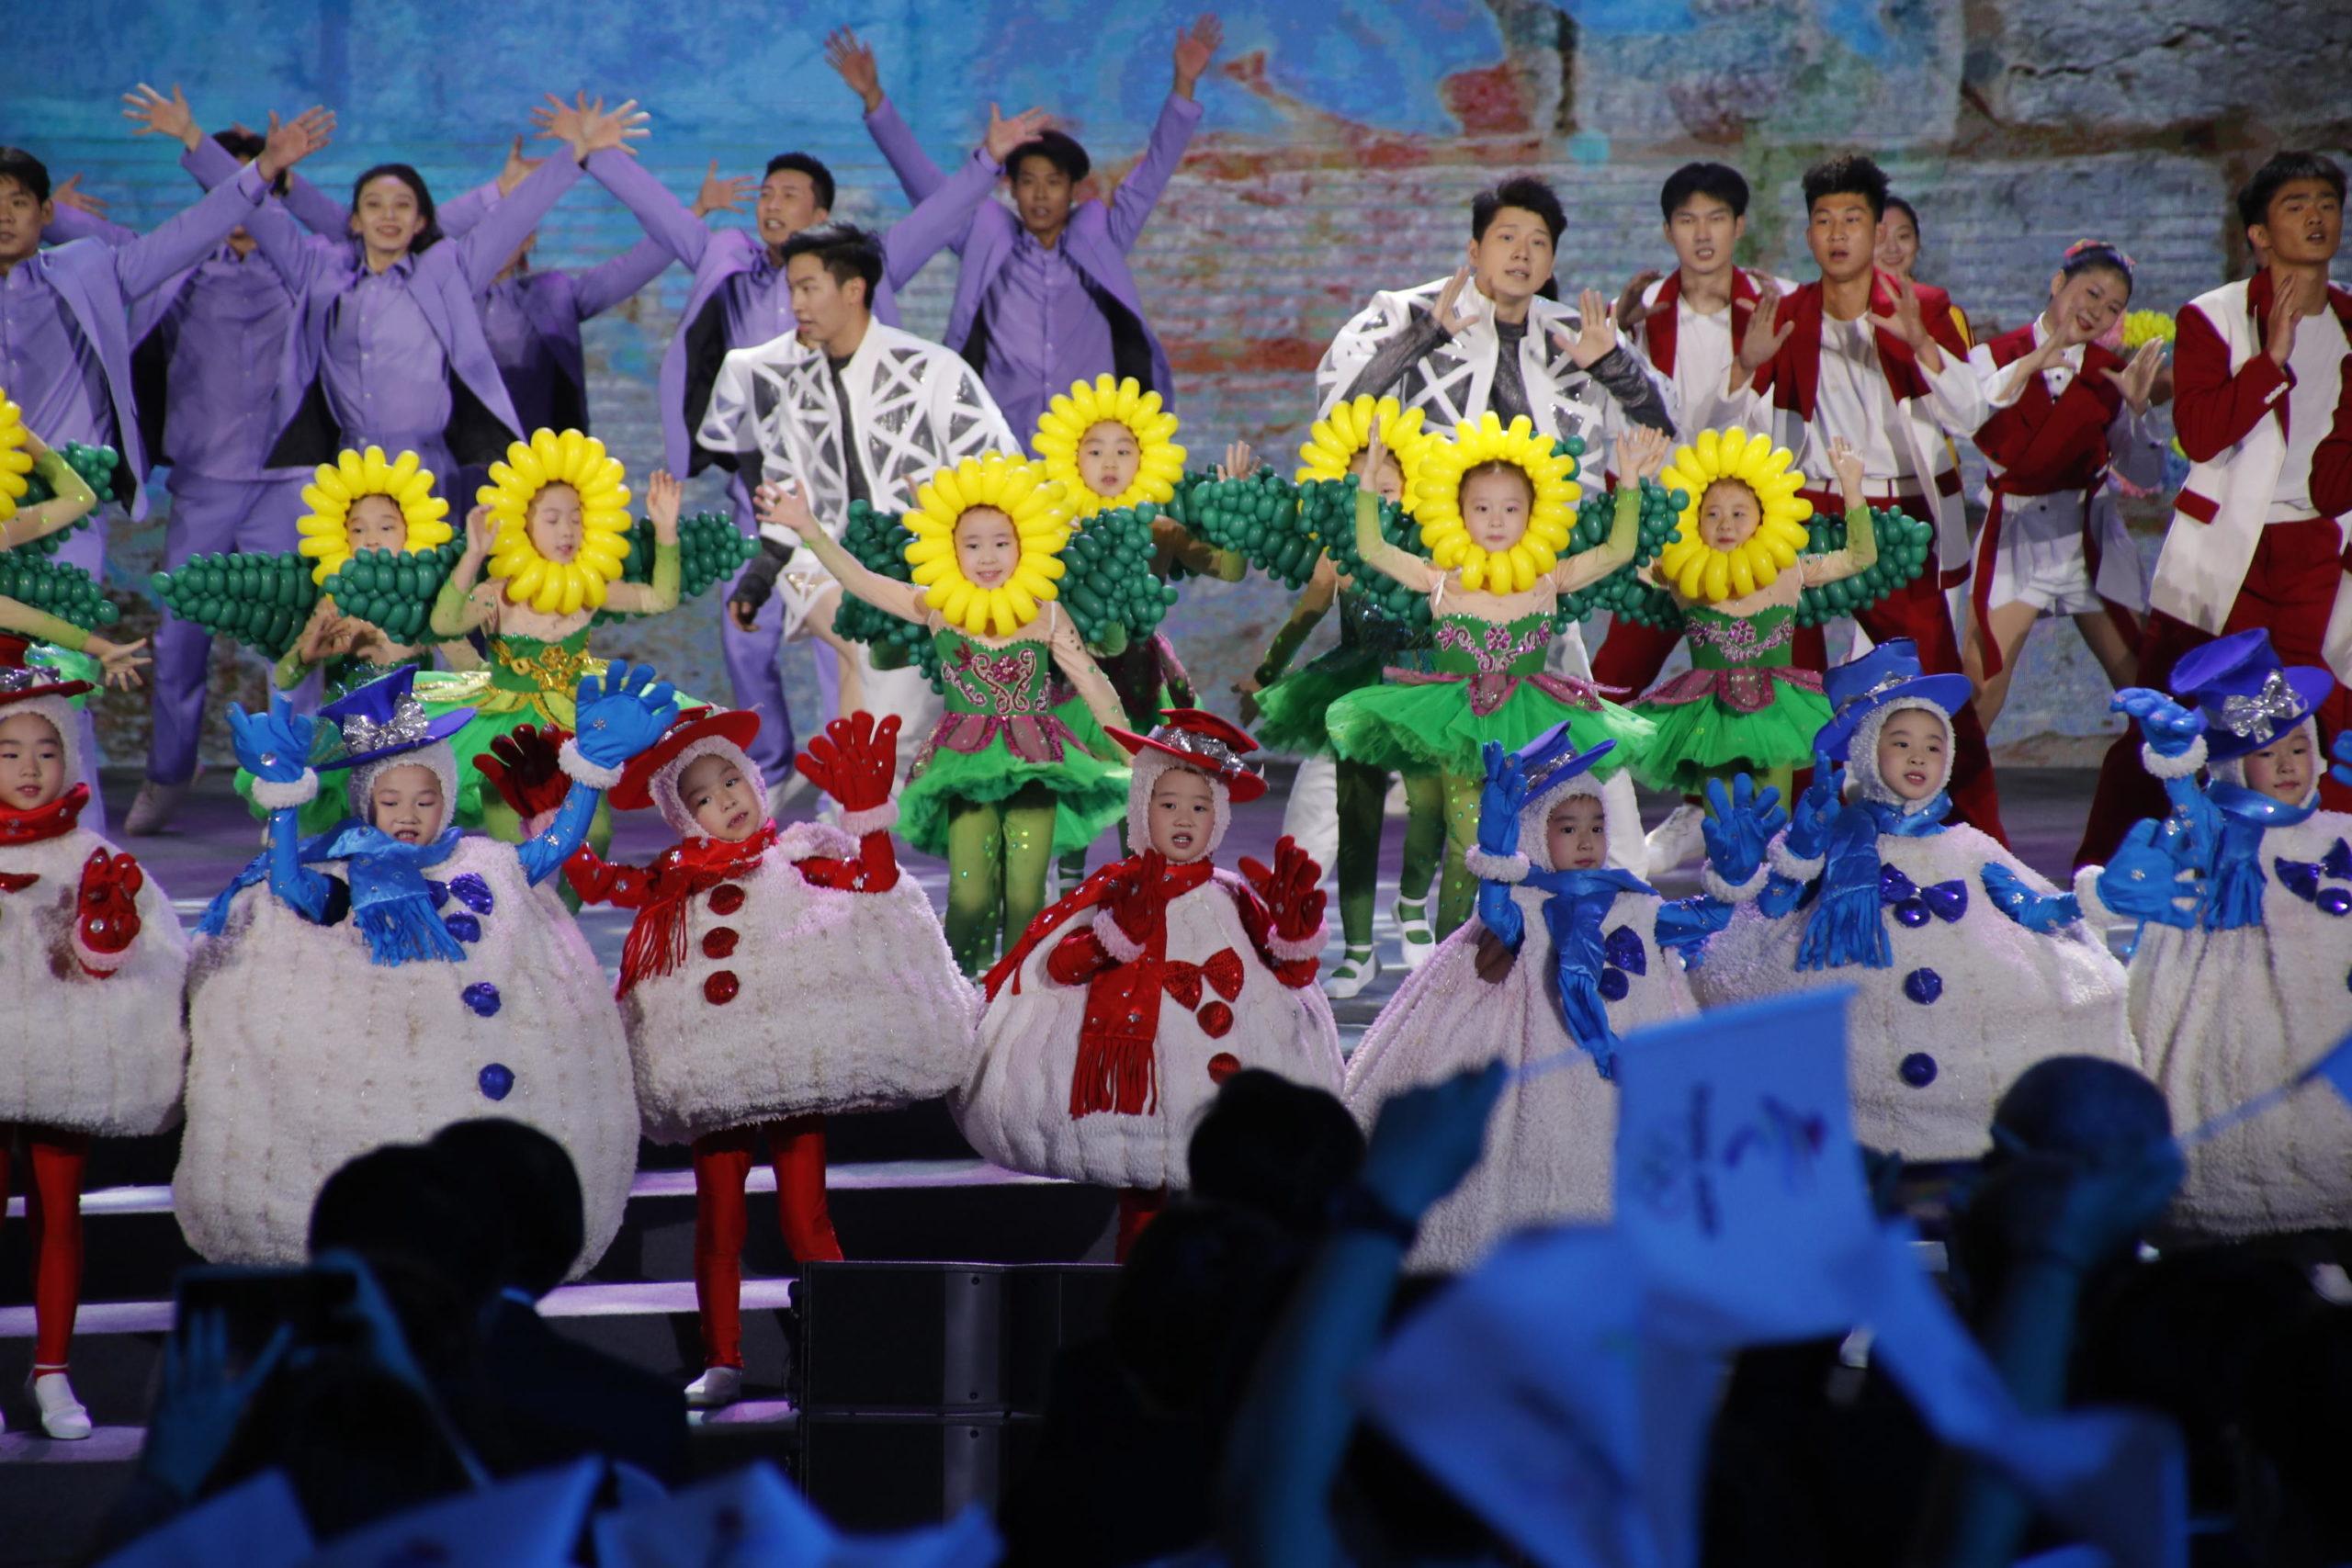 Nelle coreografie anche bambini e bambine mascherati